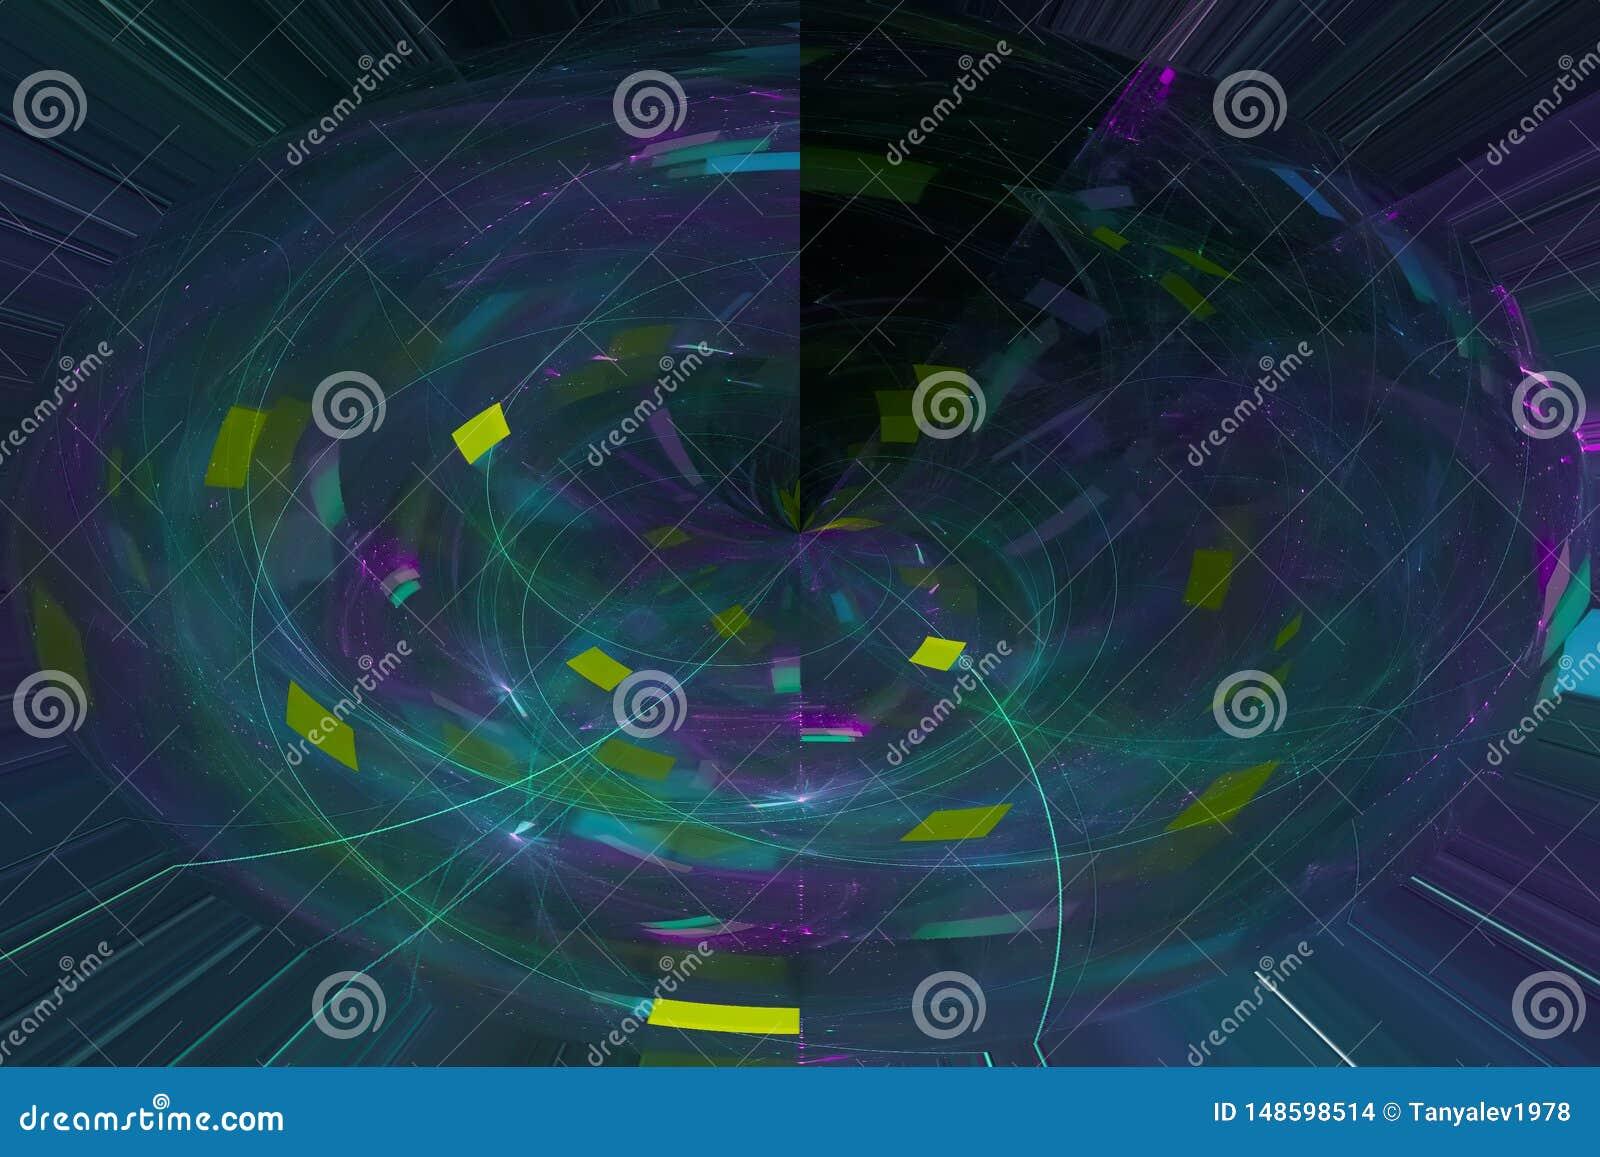 发光回报波斯菊科学样式纹理背景飞溅力量幻想爆炸设计飞溅,闪闪发光